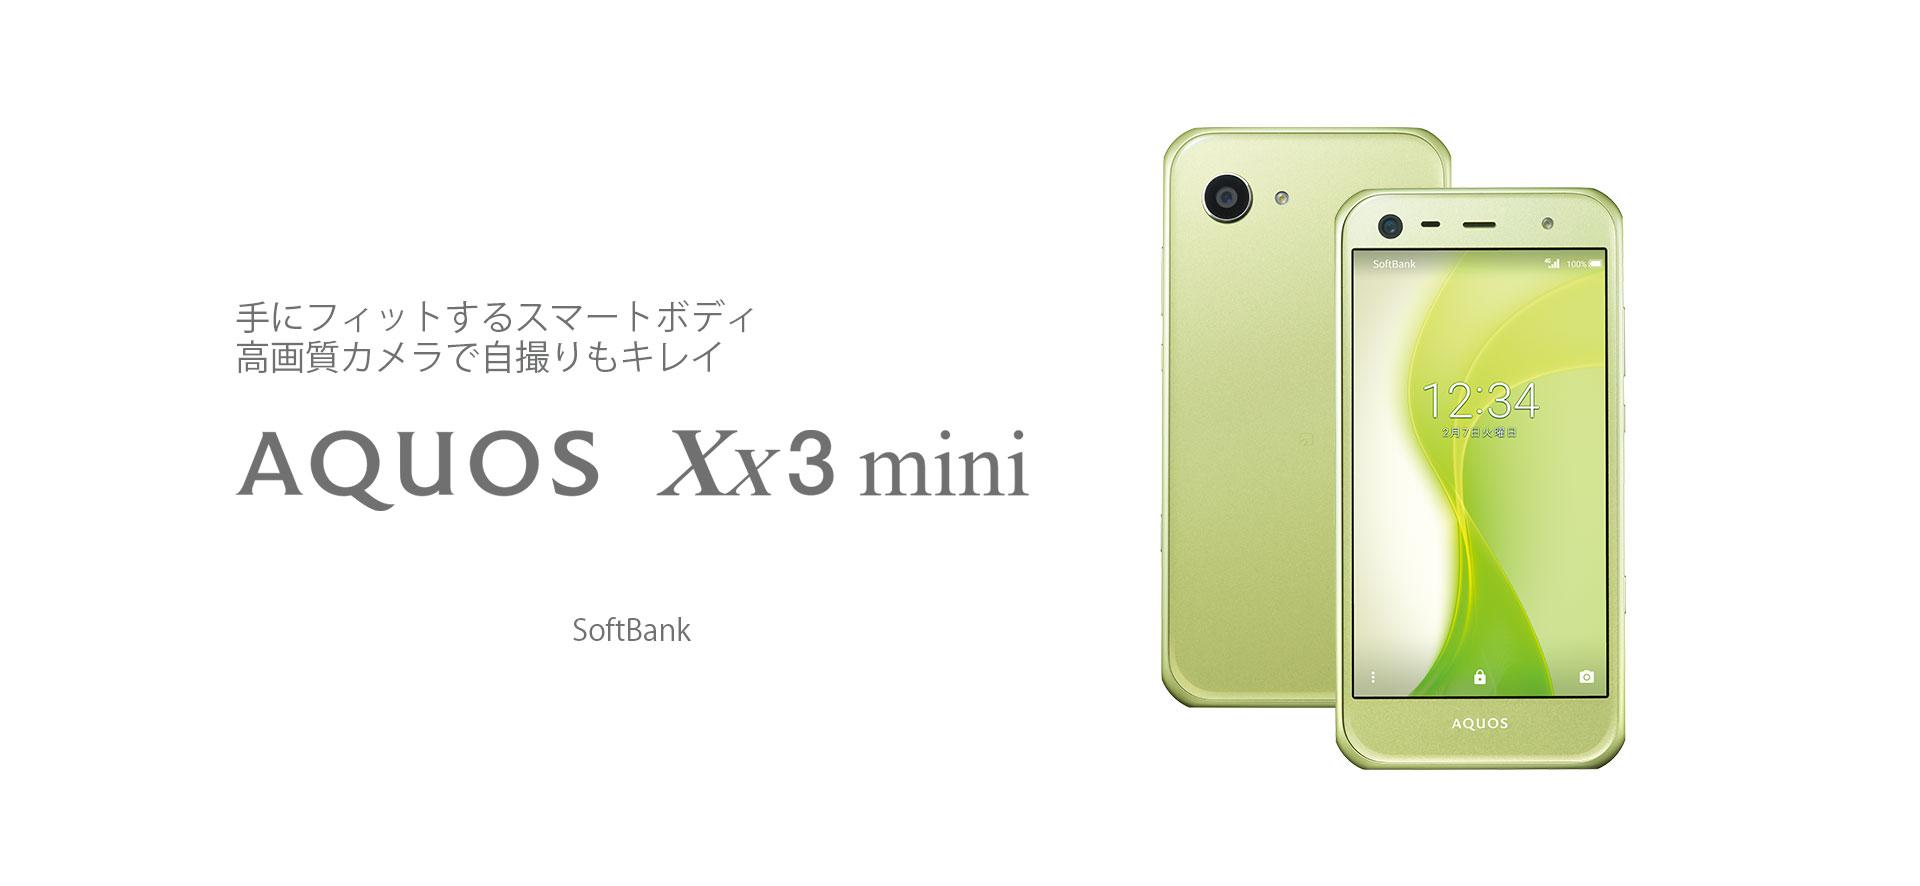 Sharp Aquos Xx3 mini je malý válečník z Japonska